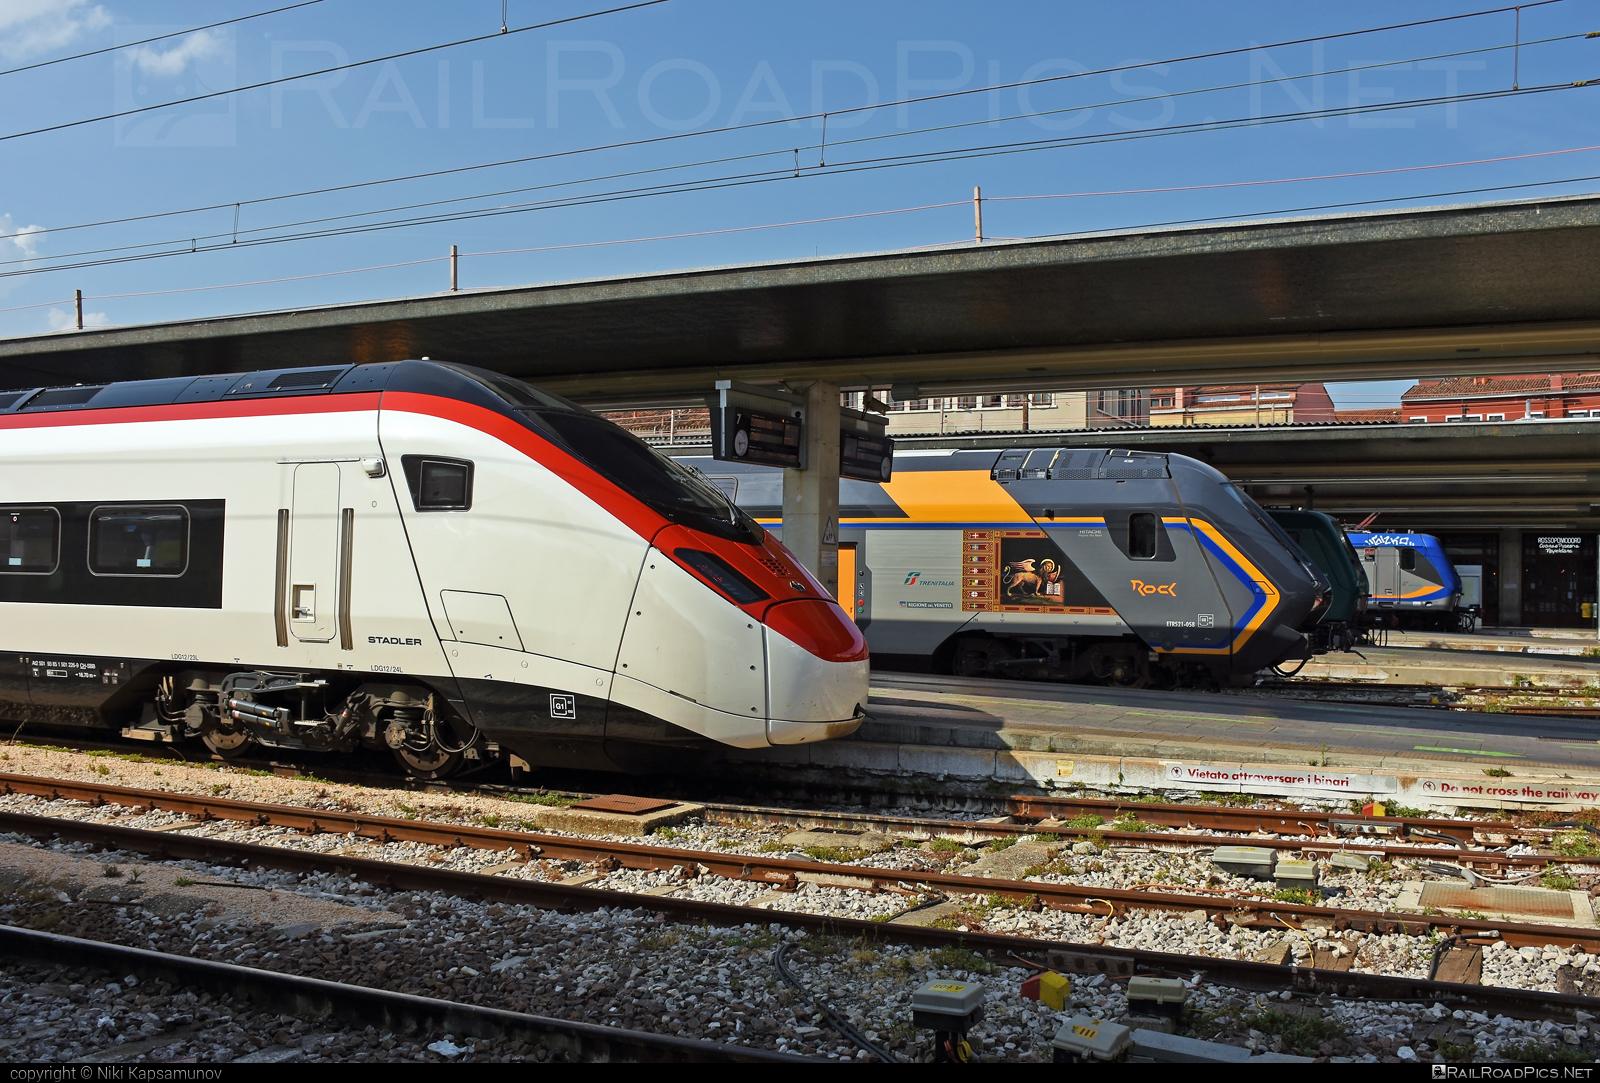 Stadler SMILE - 501 226-9 operated by Schweizerische Bundesbahnen SBB #CFF #CheminsDeFerFederauxSuisses #FFS #FerrovieFederaliSvizzere #SBB #SchweizerischeBundesbahnen #giruno #rabe501 #stadler #stadlerec250 #stadlerrail #stadlerrailag #stadlersmile